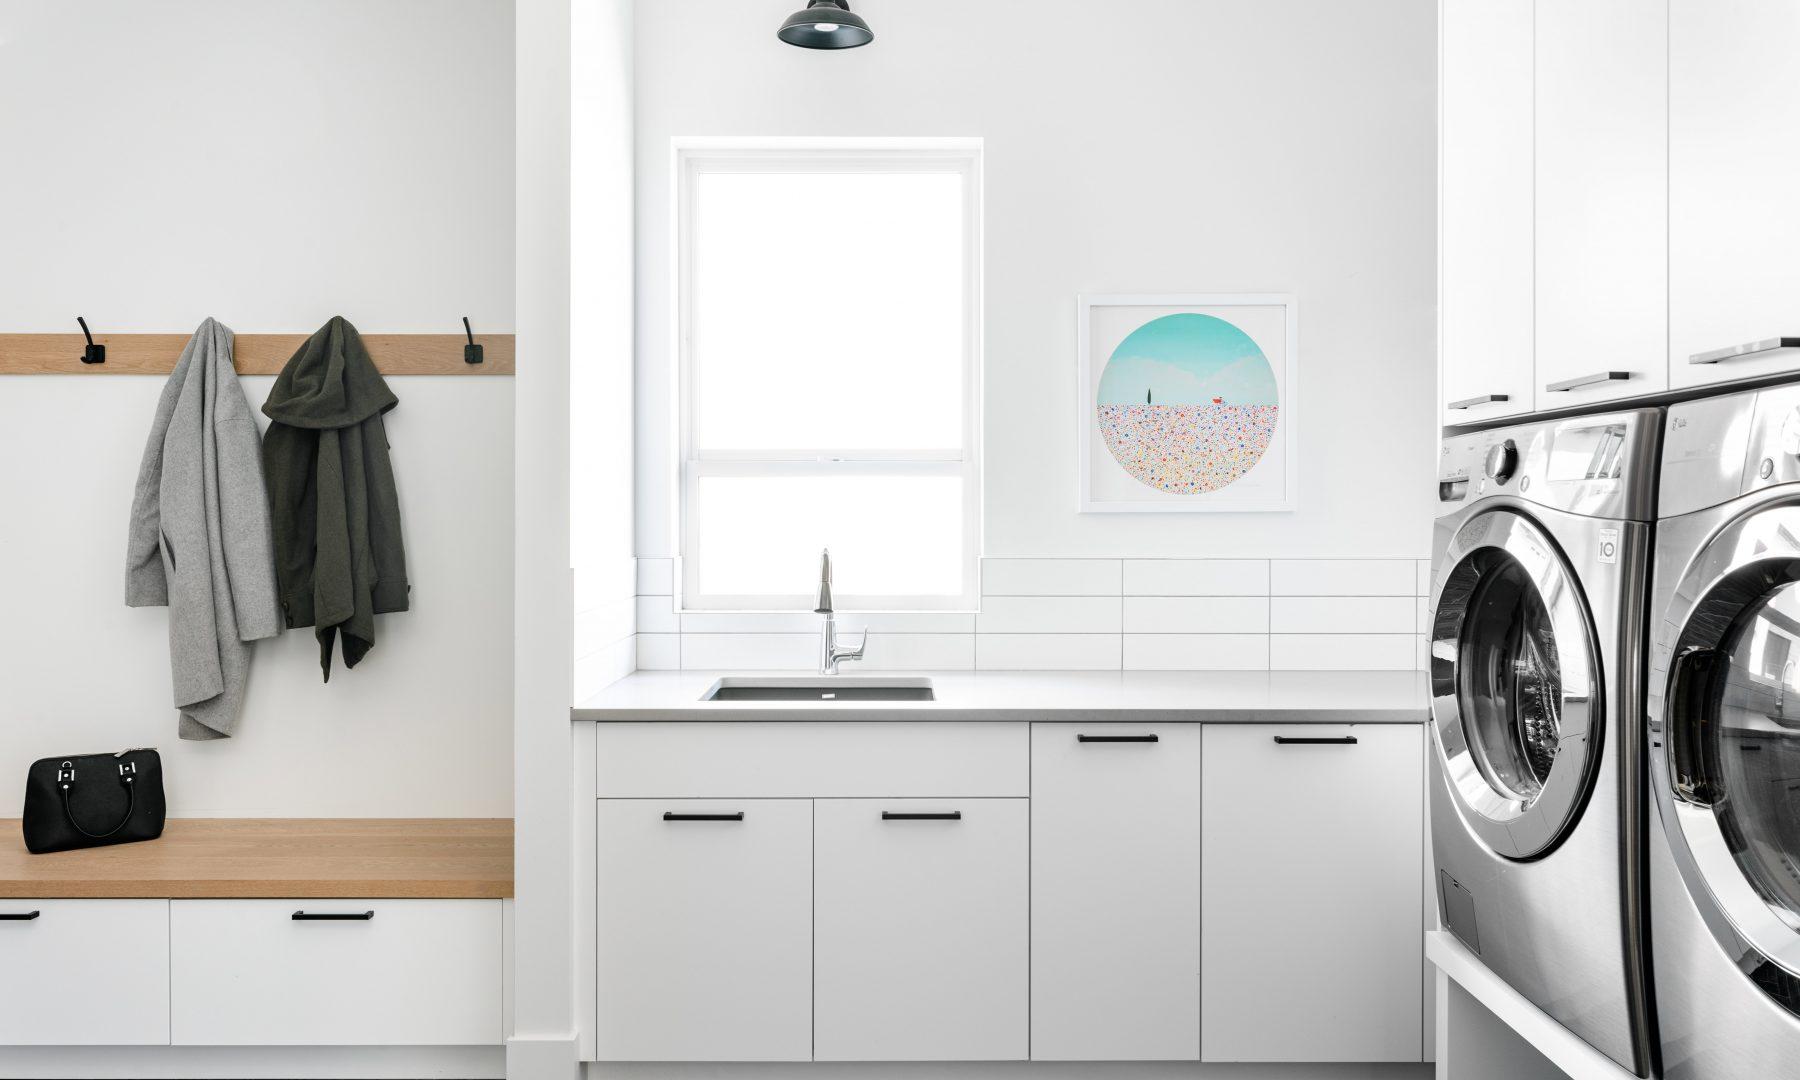 Cabico Custom Cabinets - Projet salle de lavage The Lookout - vue de côté